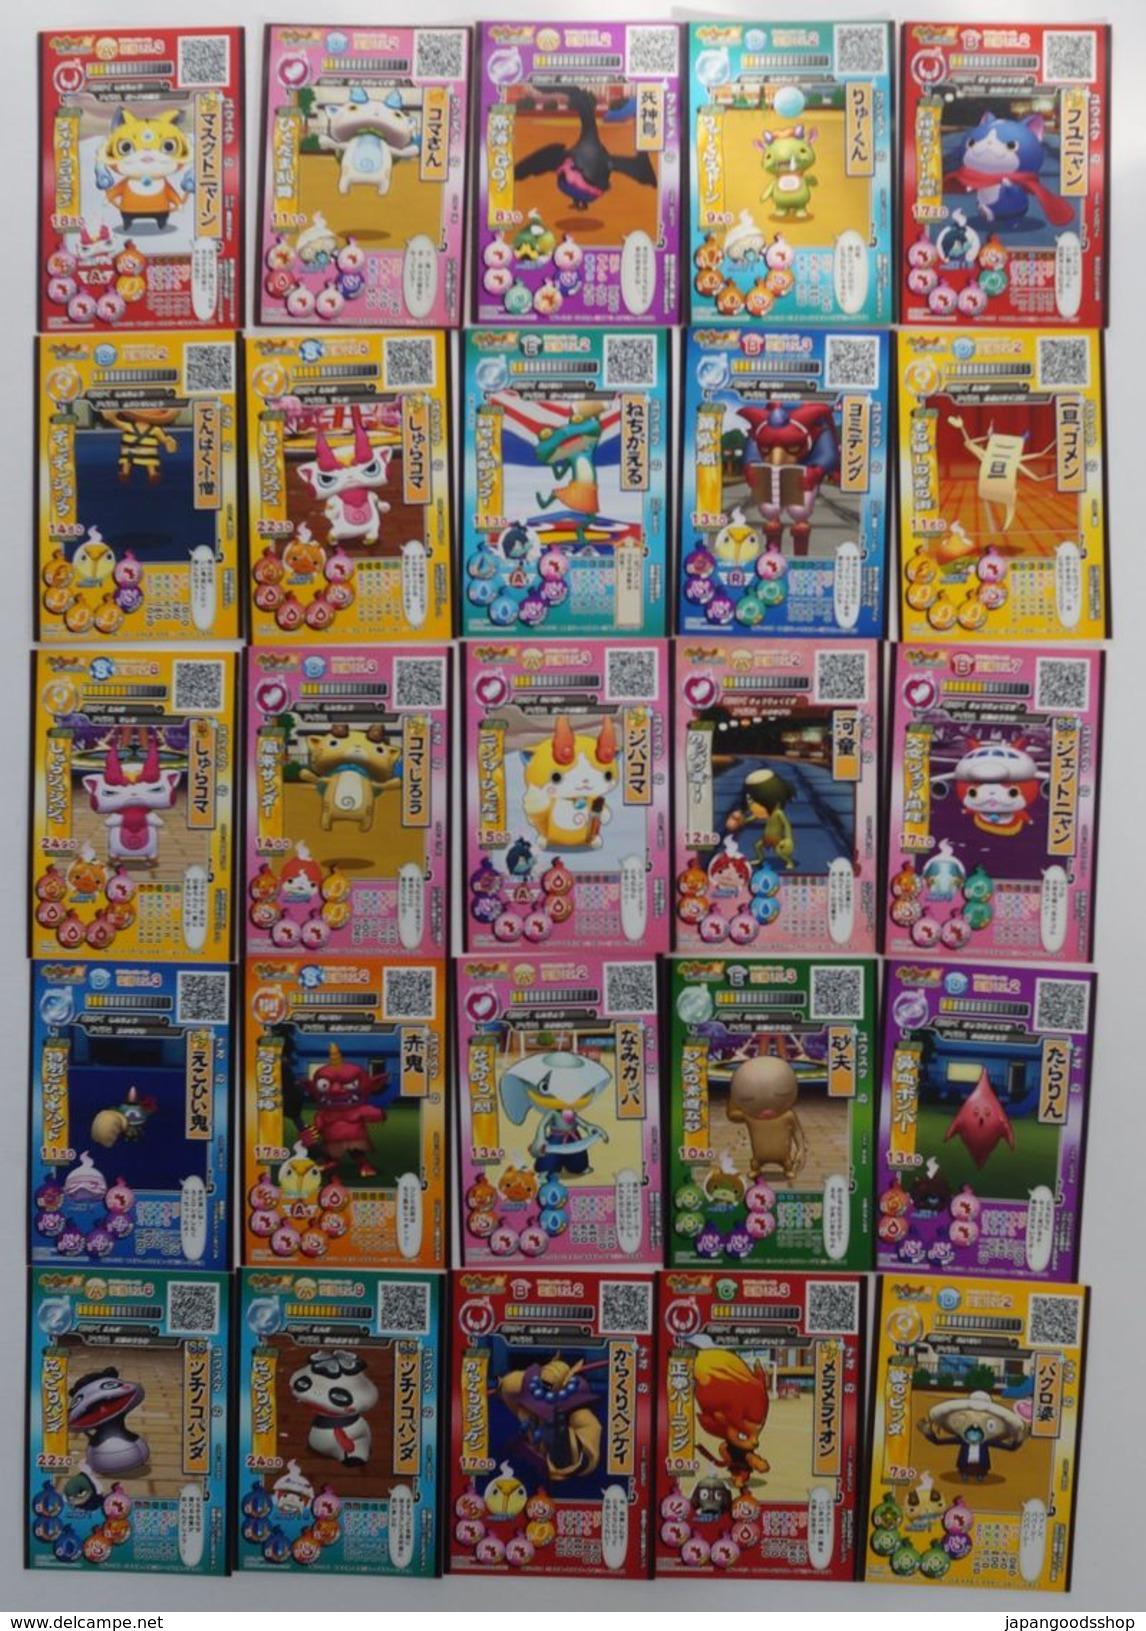 Youkai Watch Tomodachi Ukiukipedia : 50 Japanese Trading Cards - Trading Cards